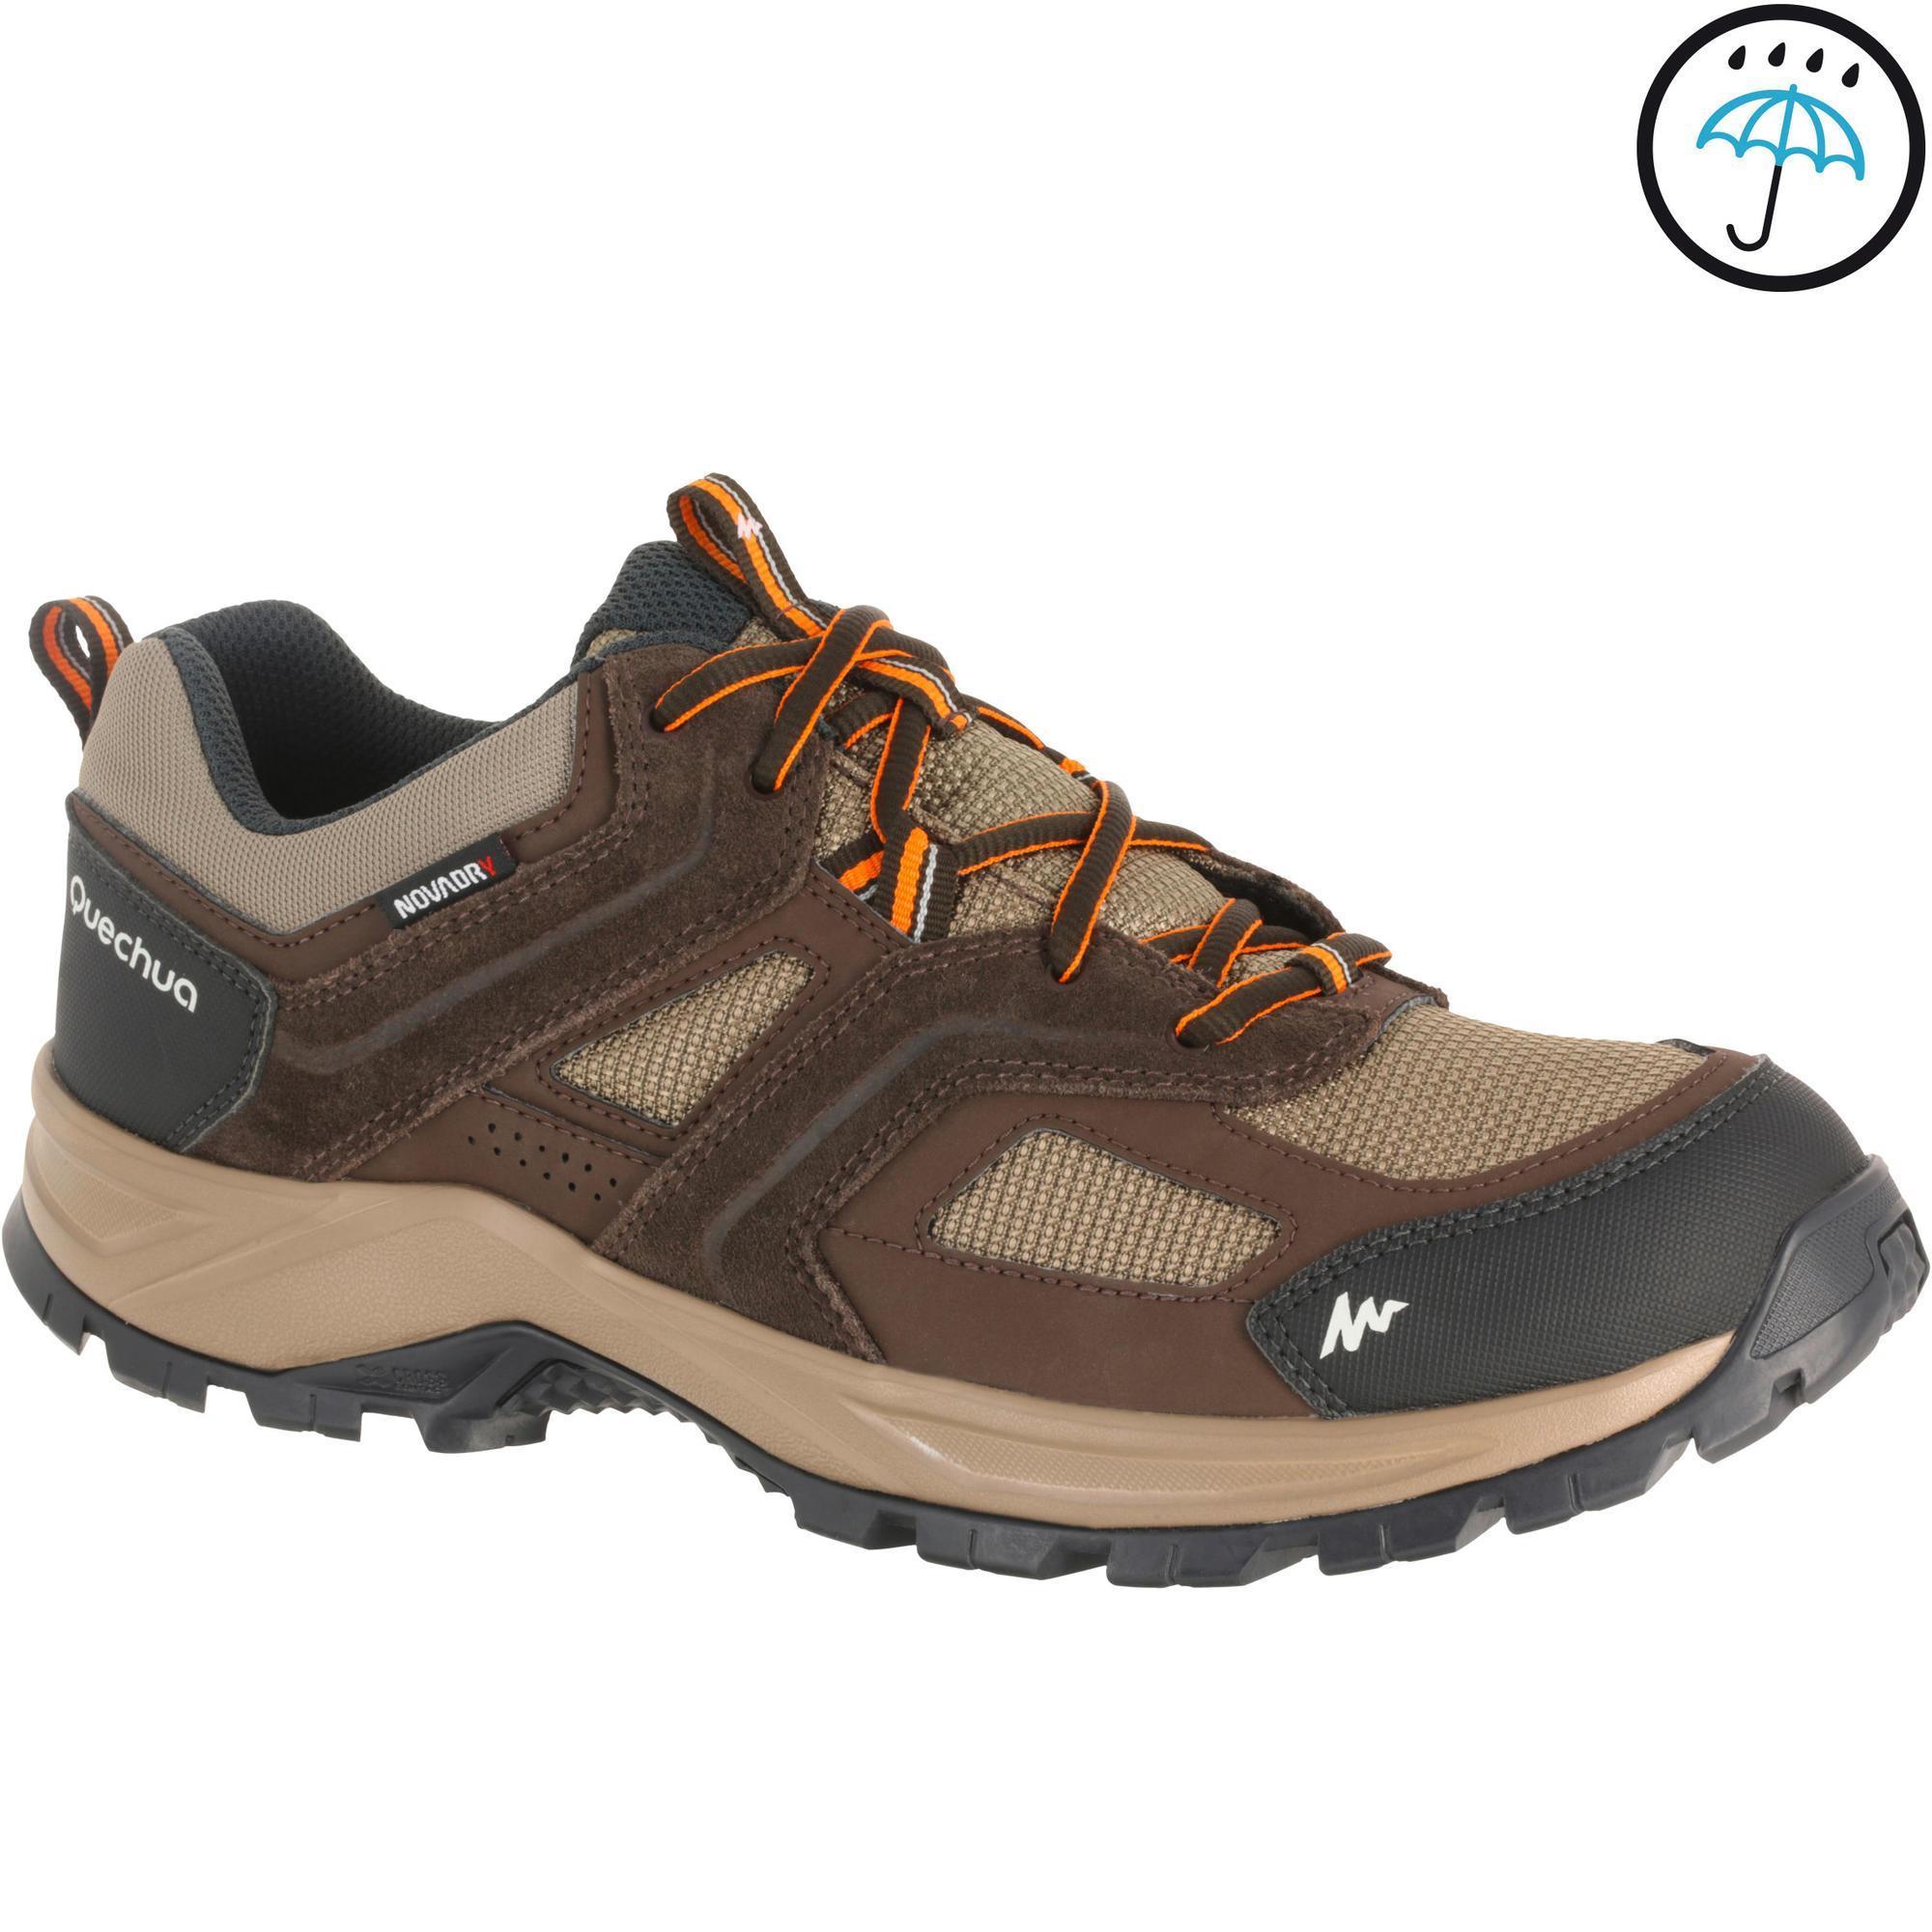 Chaussures quechua homme - Chaussure de securite homme decathlon ...